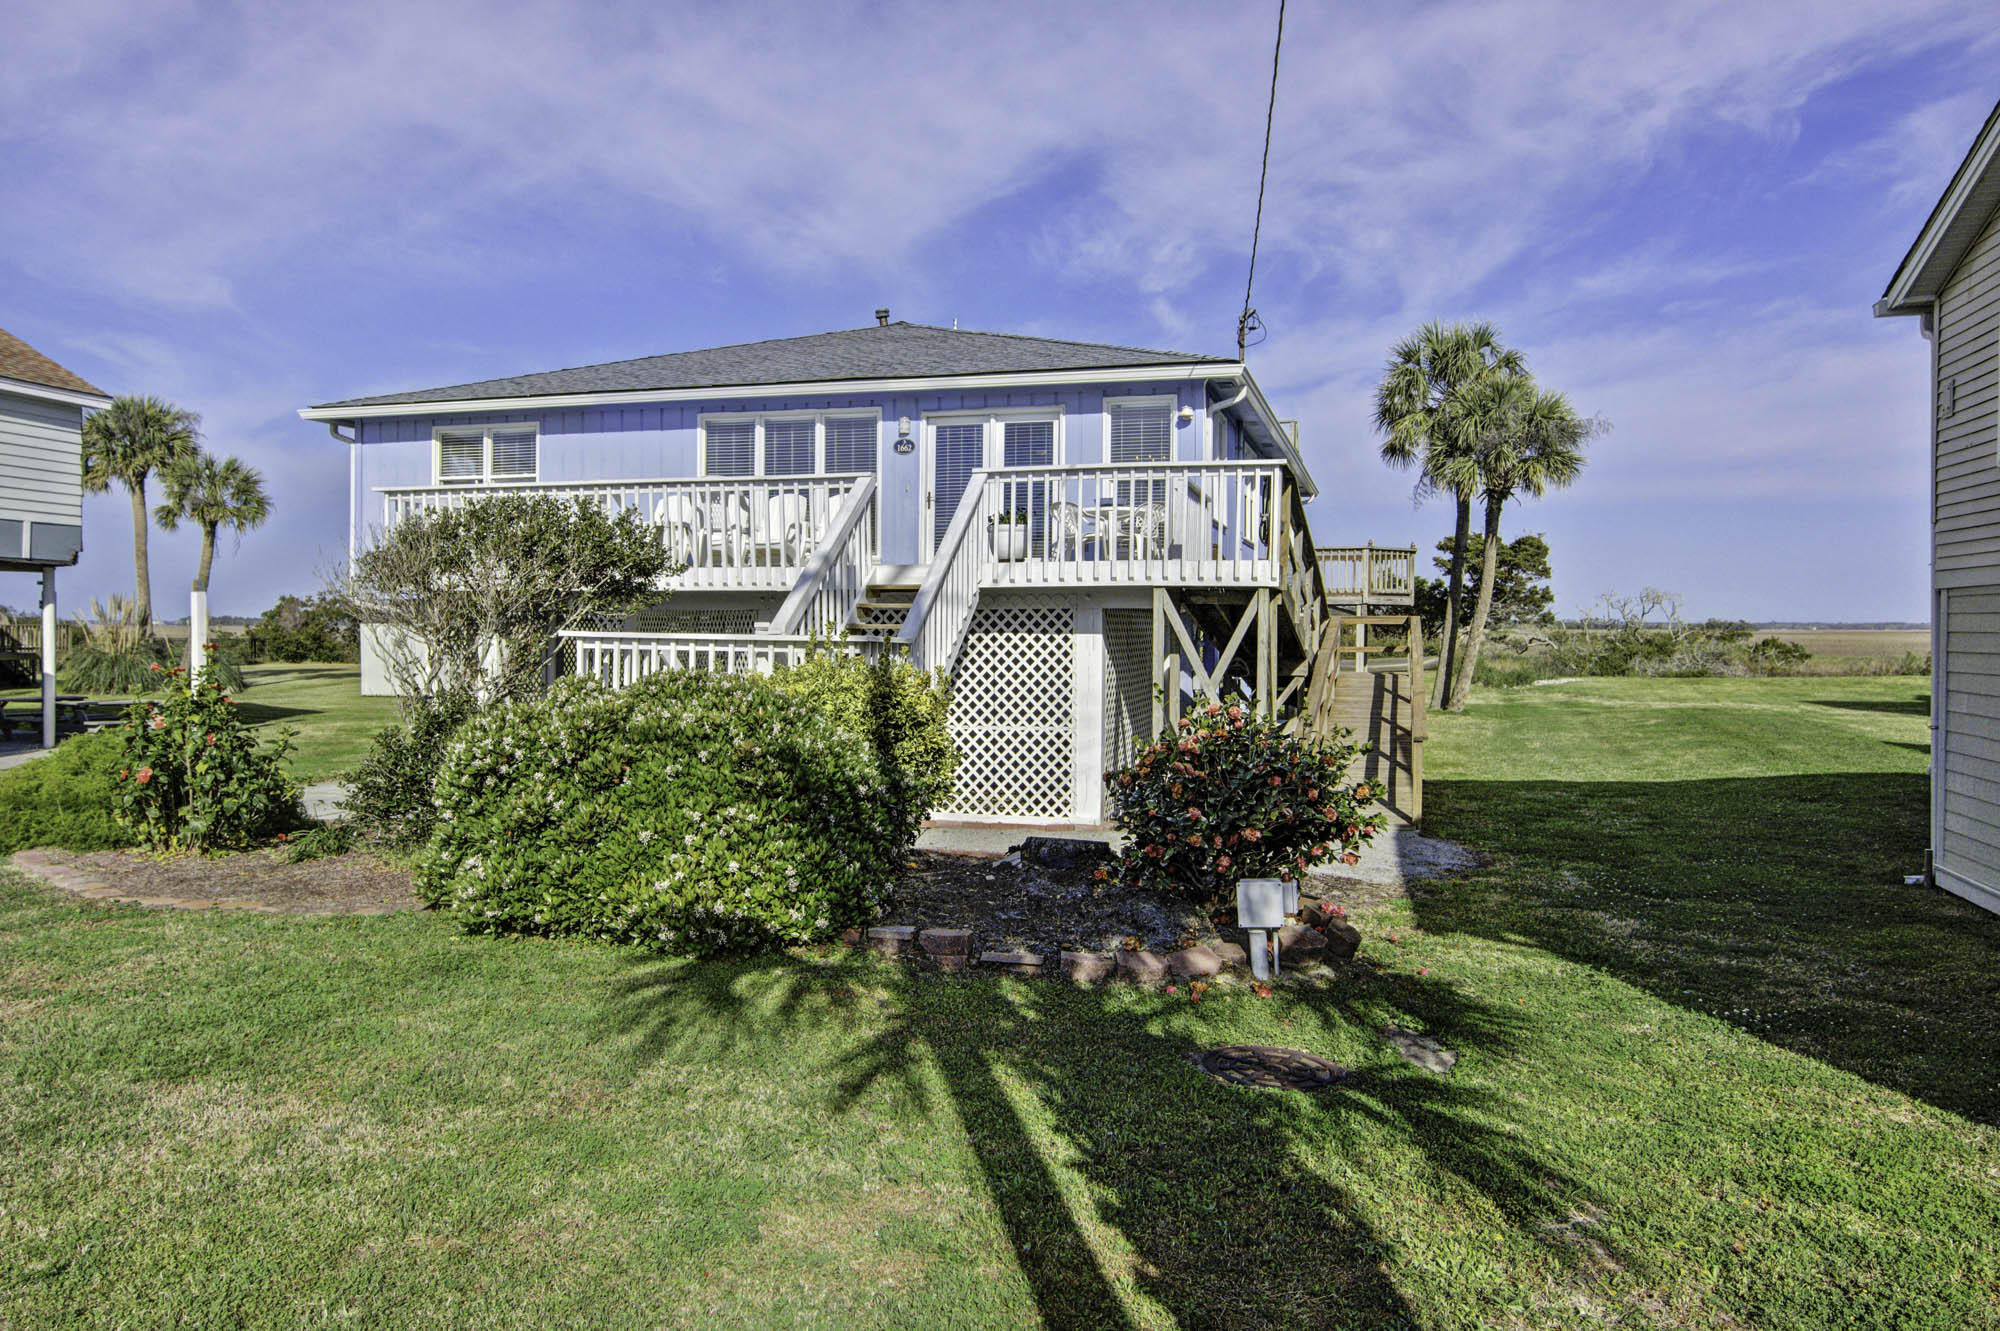 E Folly Bch Shores Homes For Sale - 1662 Ashley, Folly Beach, SC - 24